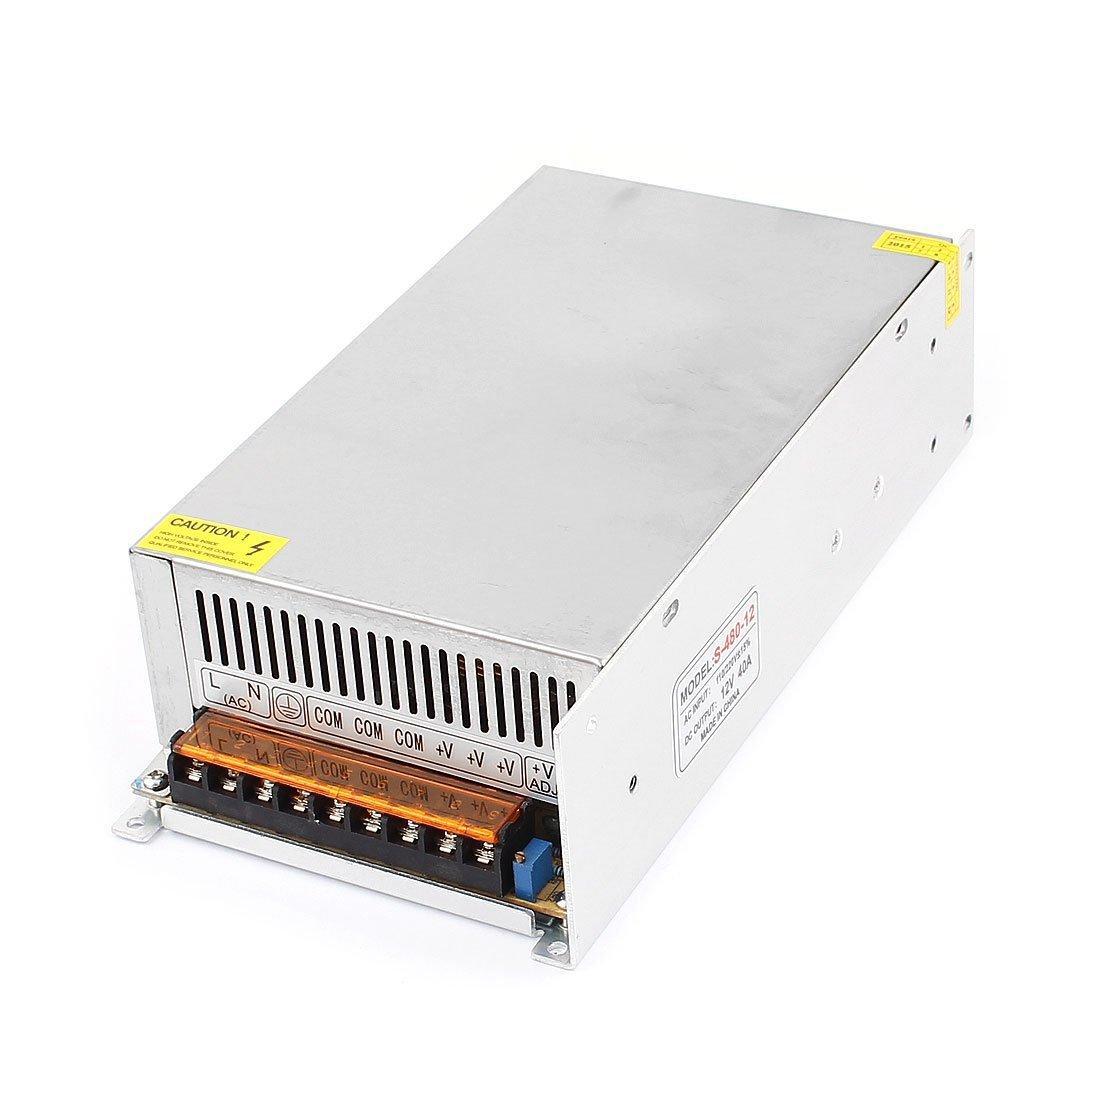 AC110V / 220V a 12V CC Interruptor 40A 480W fuente de alimentación del LED para la luz DealMux